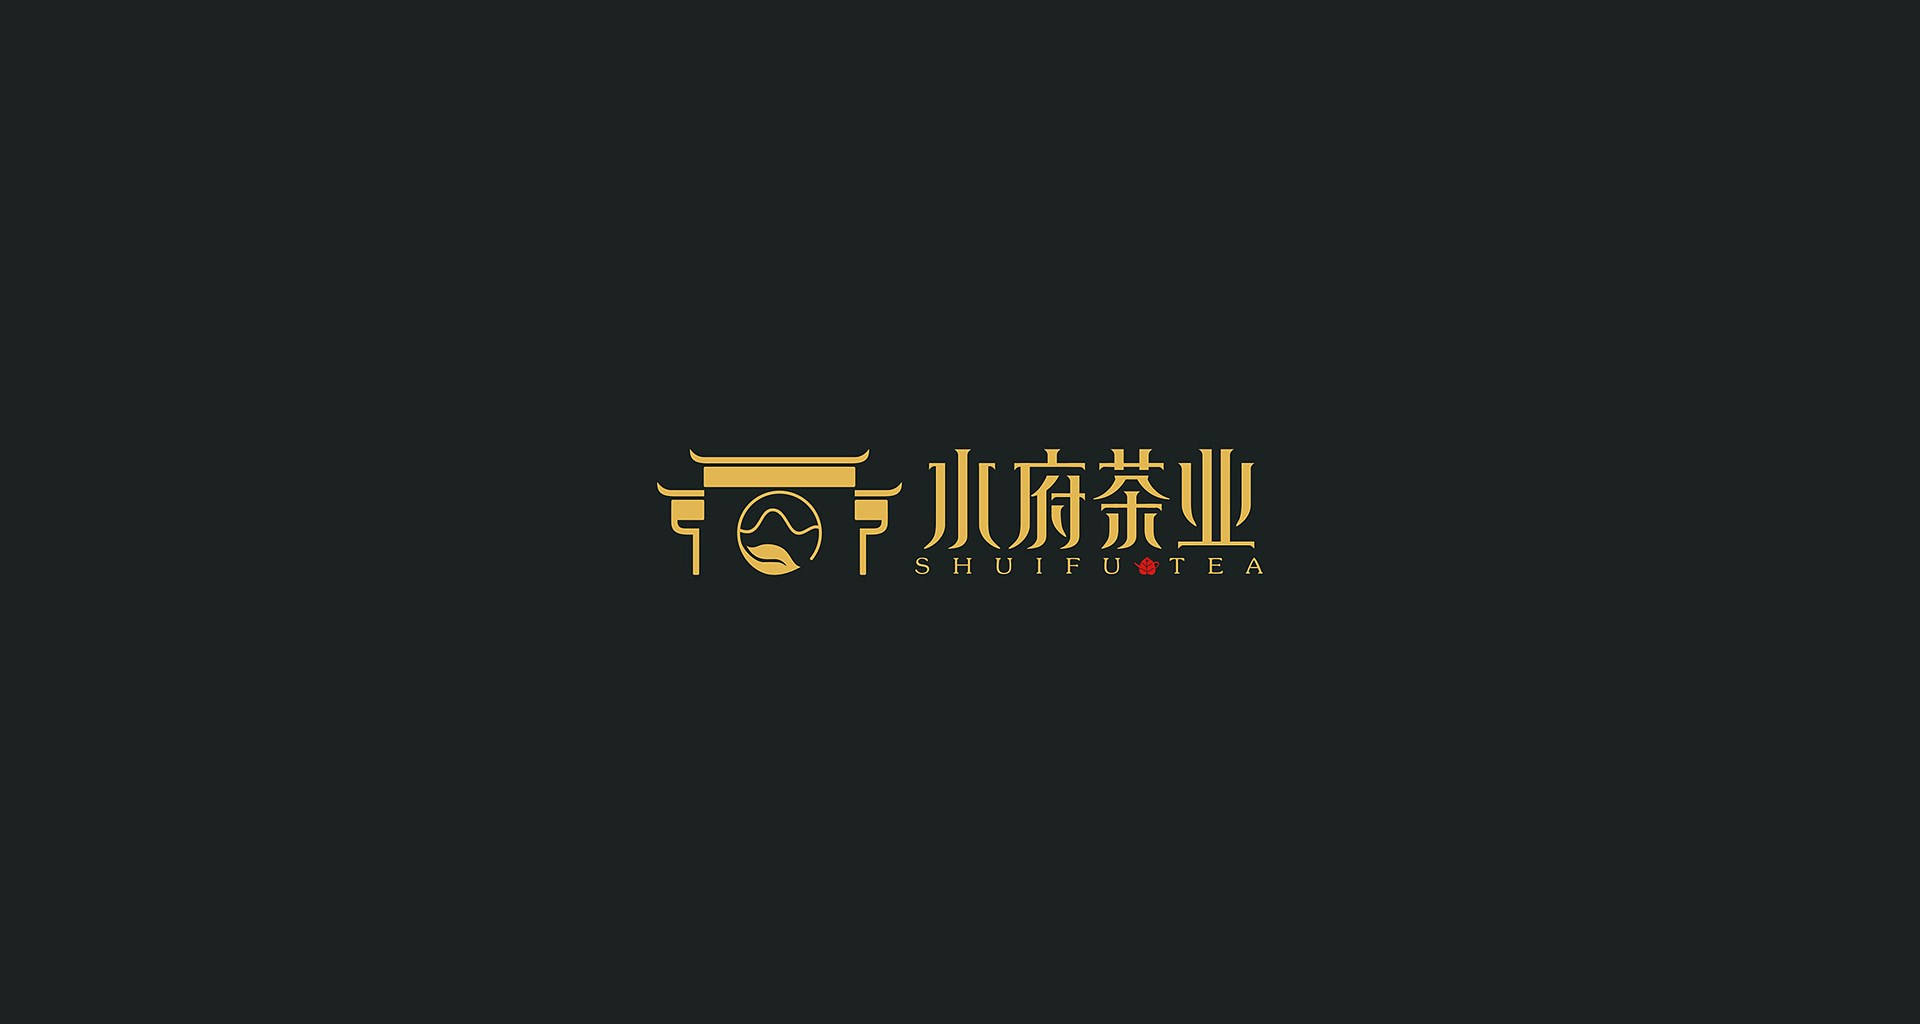 水府茶新万博竞彩app苹果下载万博manbetx手机版苹果下载_0005.JPG